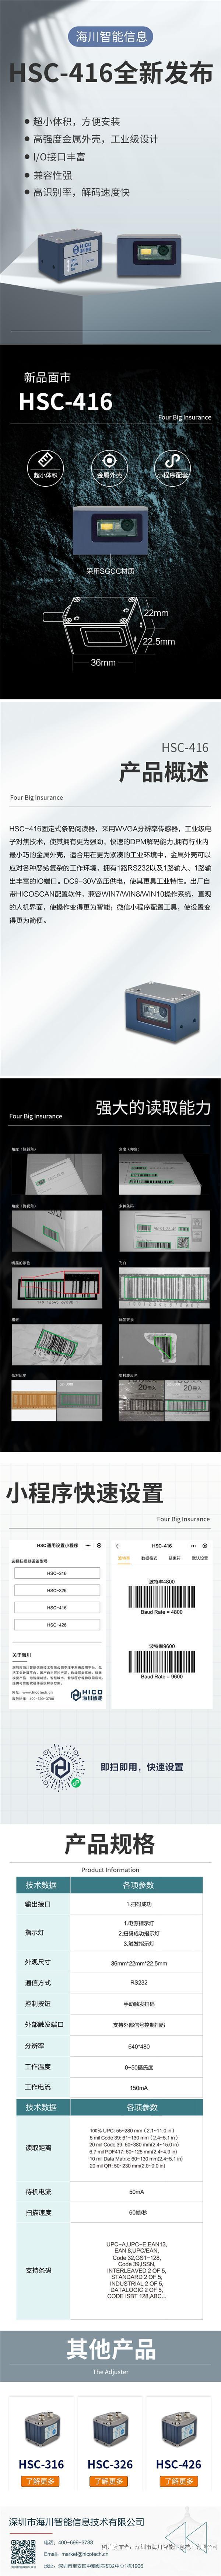 扫码器--416-1.jpg